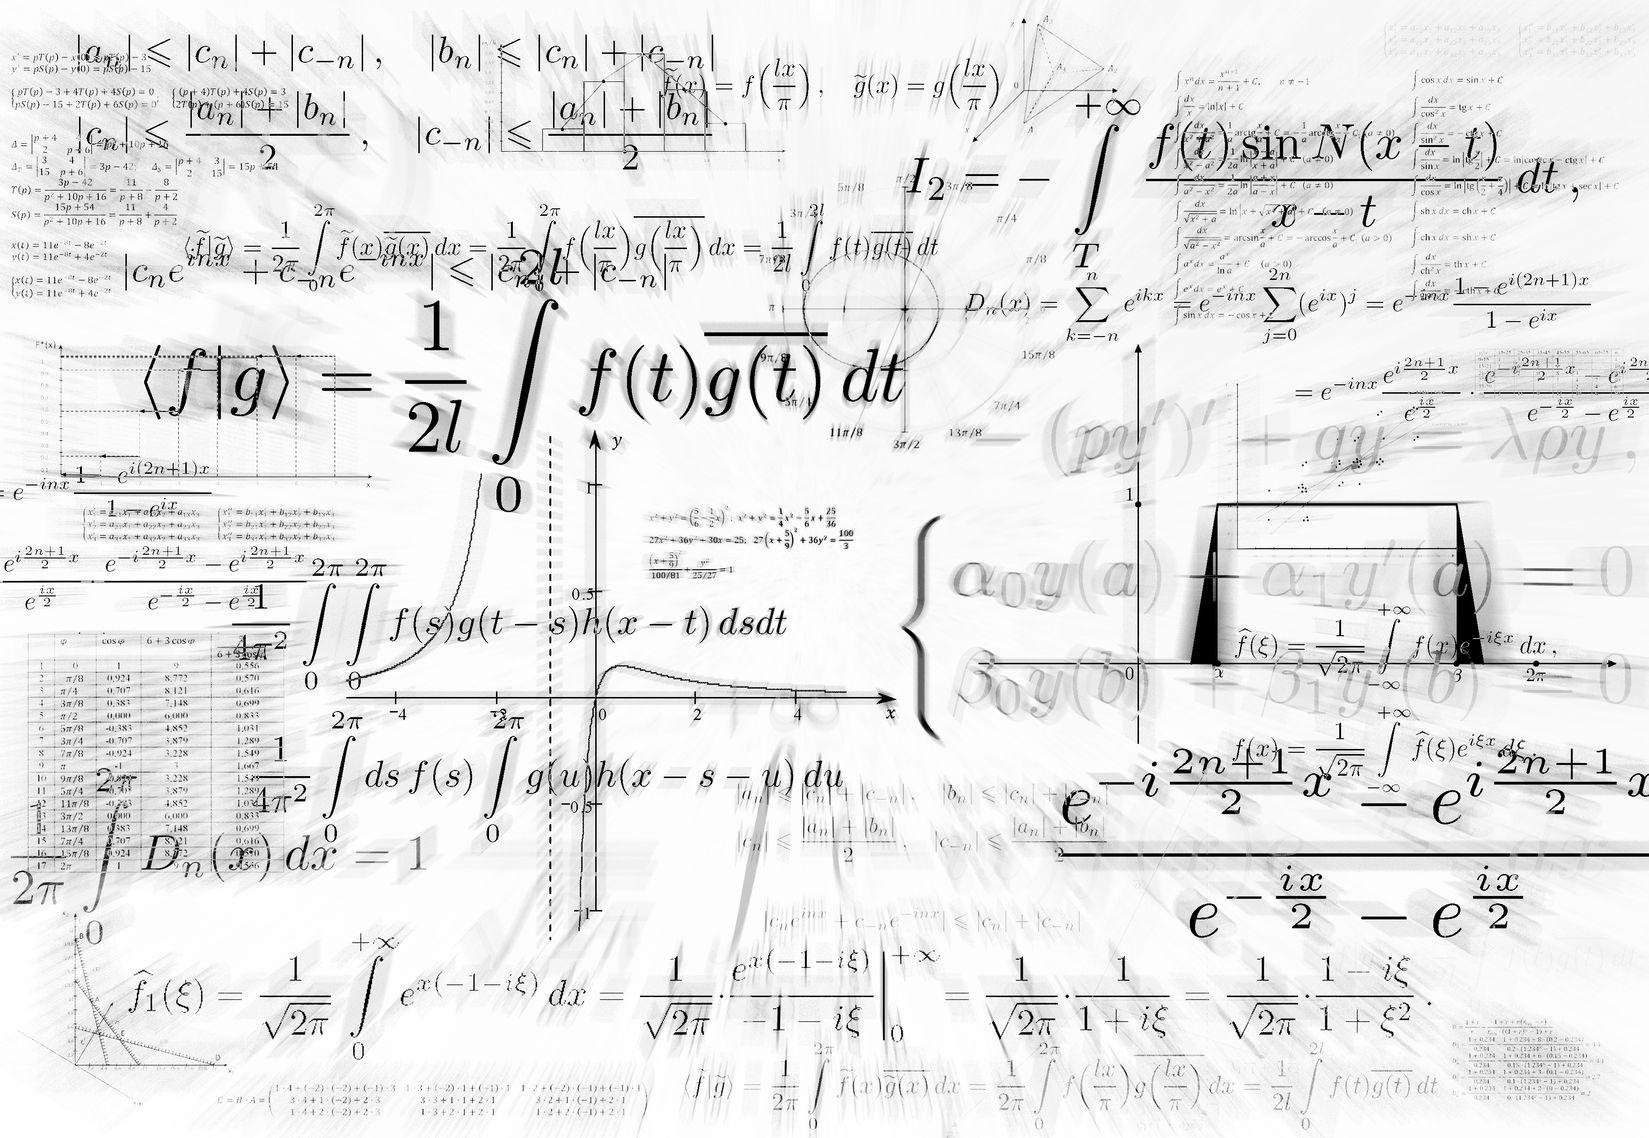 WDF*IDF-Formel – ohne ein wenig Mathe funktioniert en auch SEO-Texte nicht